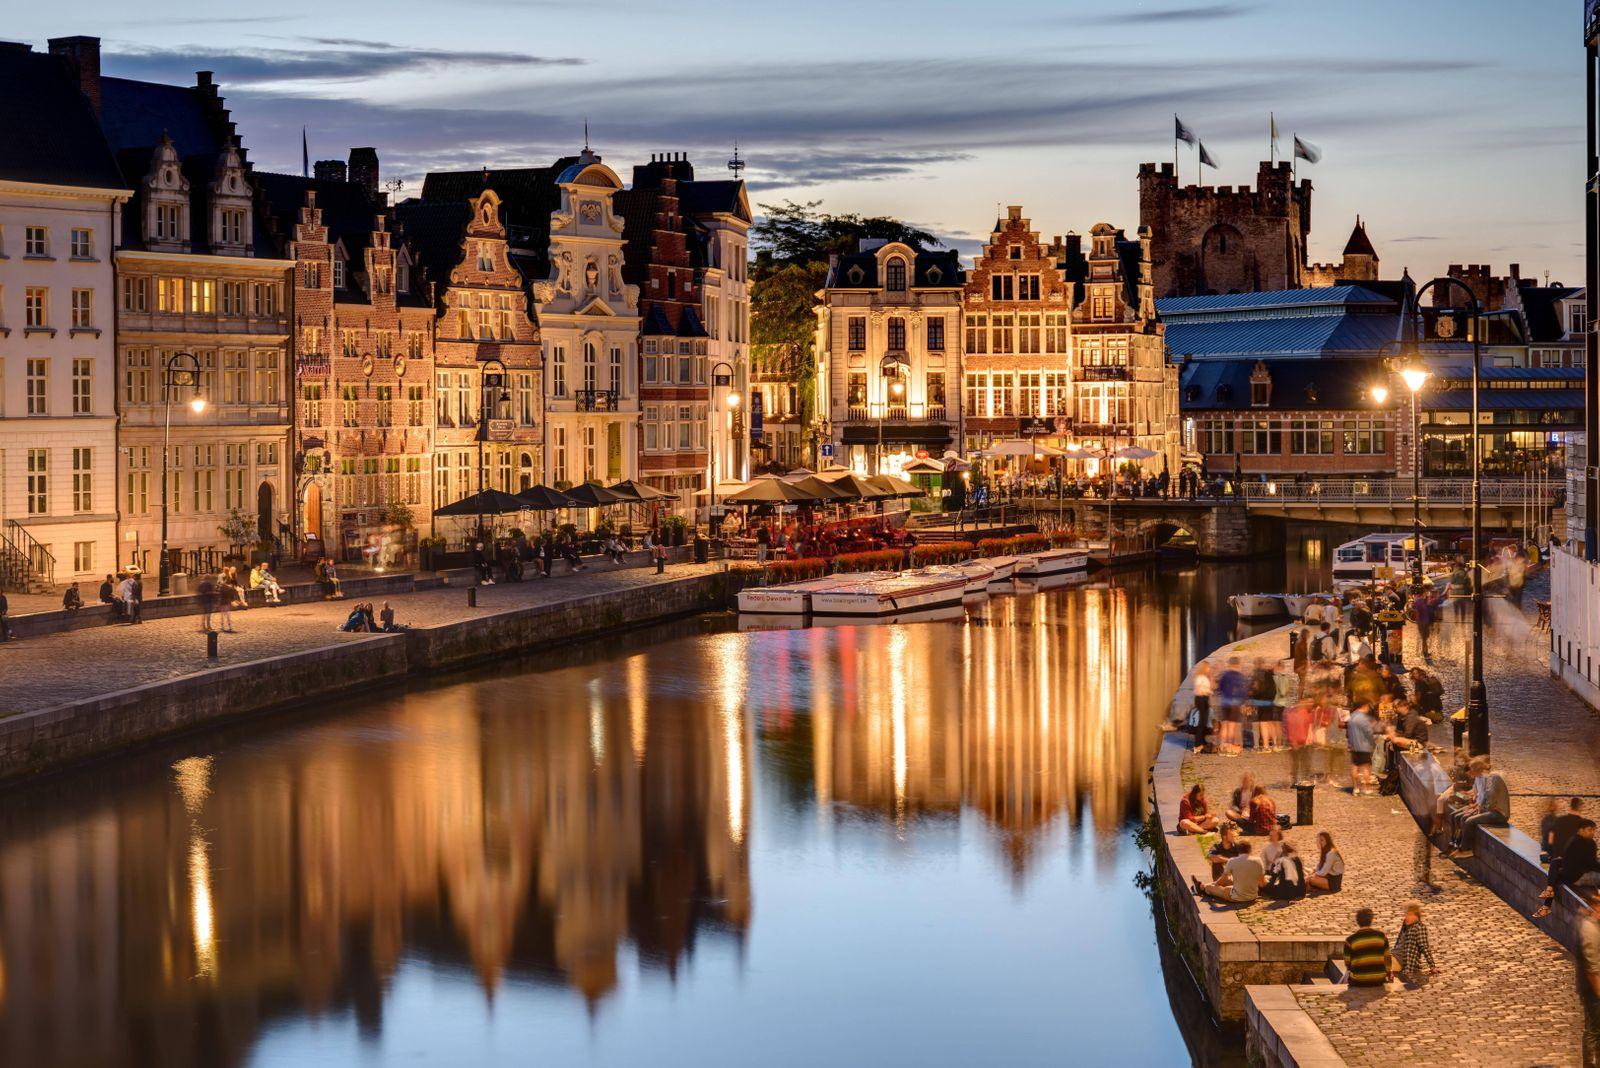 historisches Zentrum am Abend, Burg Gravensteen im Hintergrund, Belgien, Gent historical centre, in the evening, castle